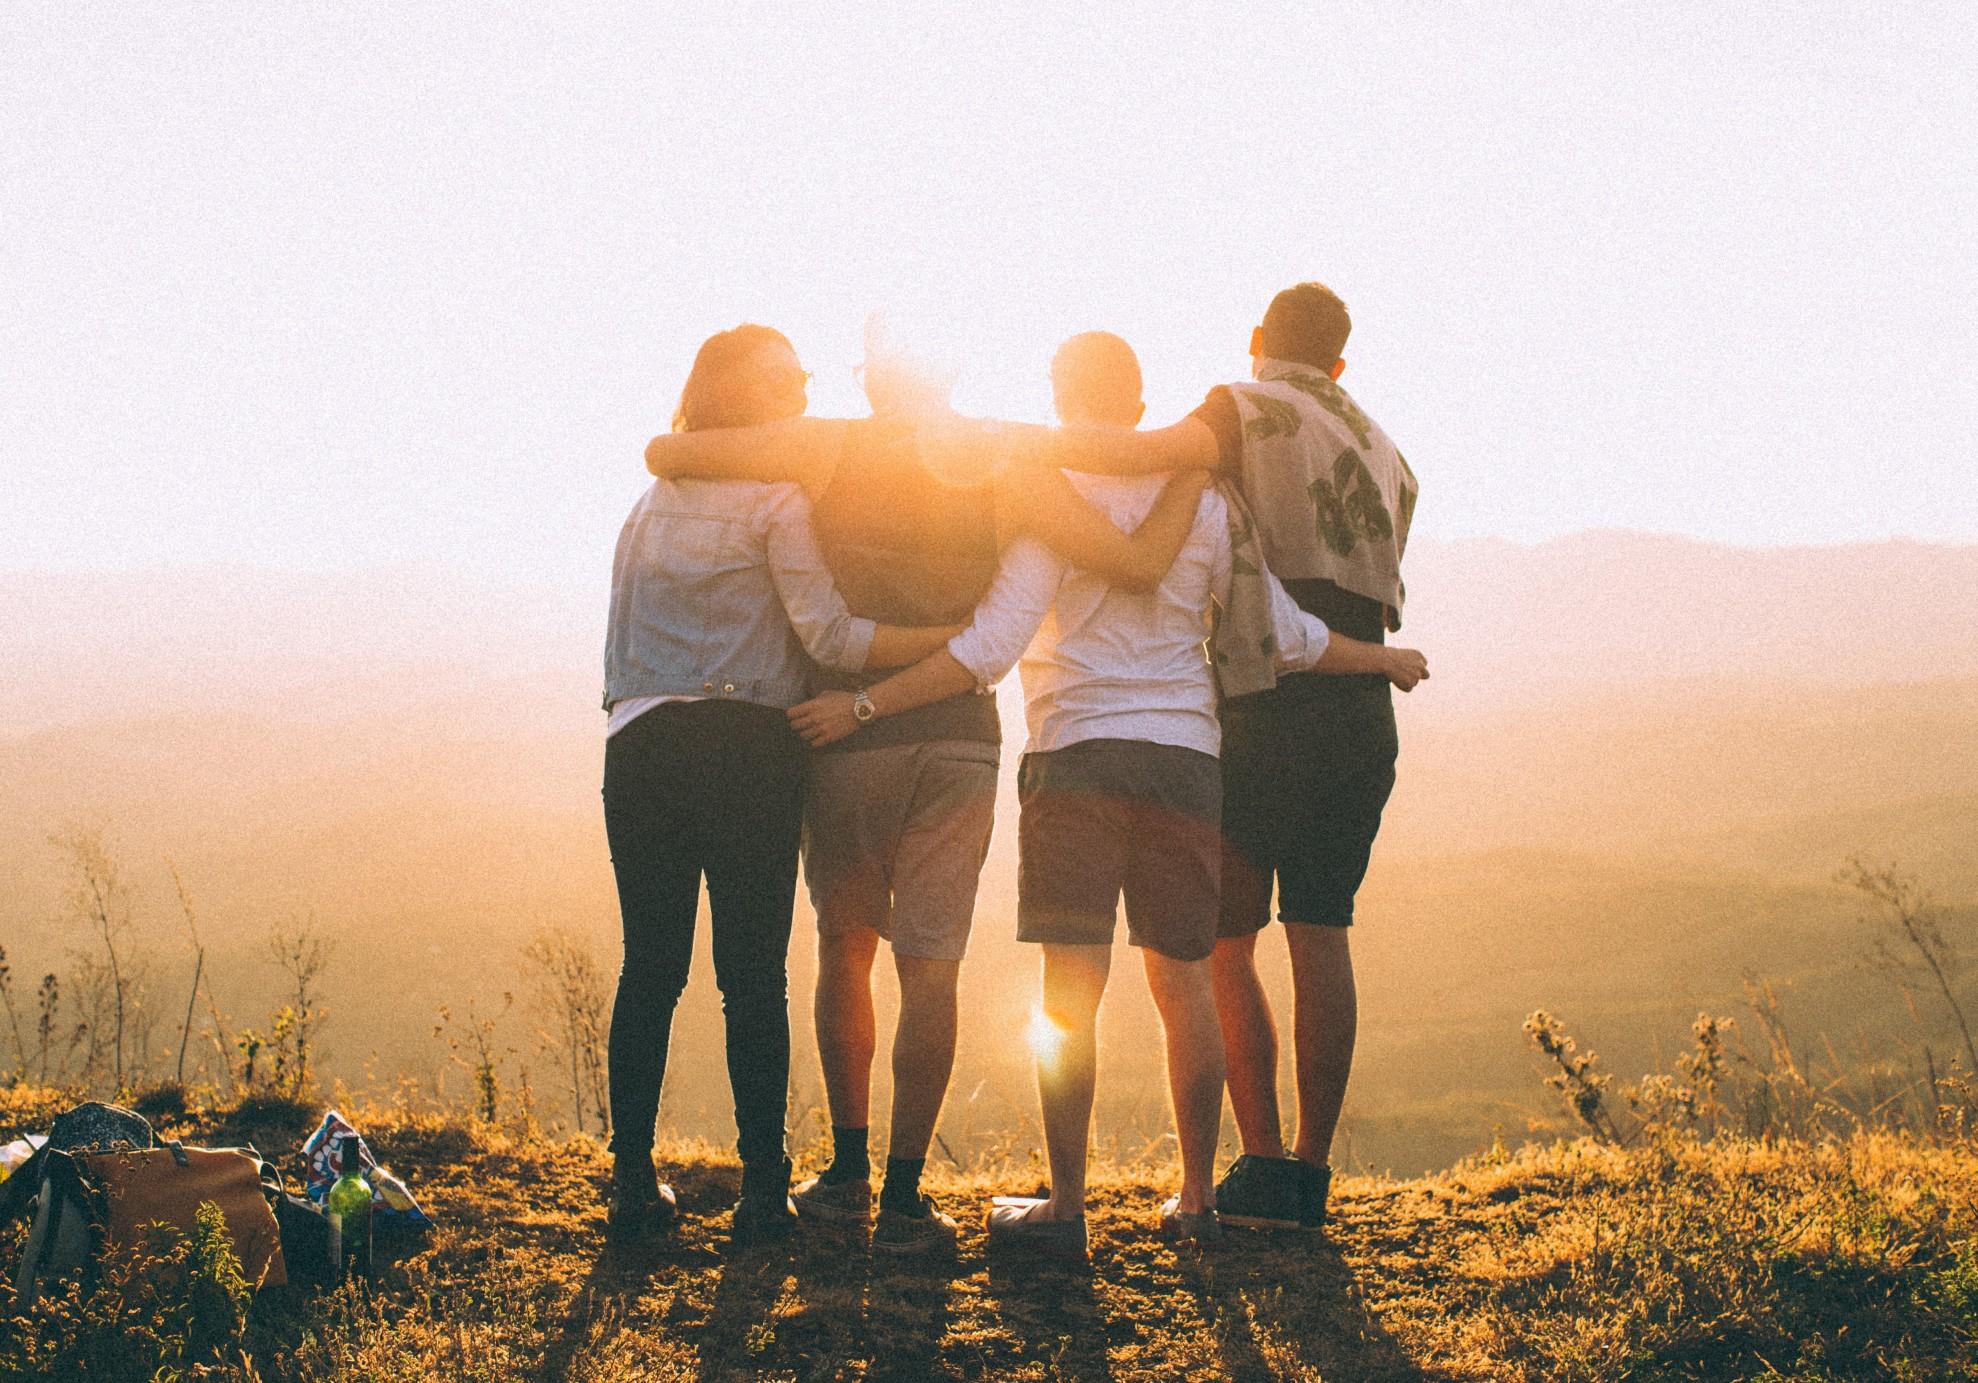 ¿Qué necesita un adolescente de un adulto?